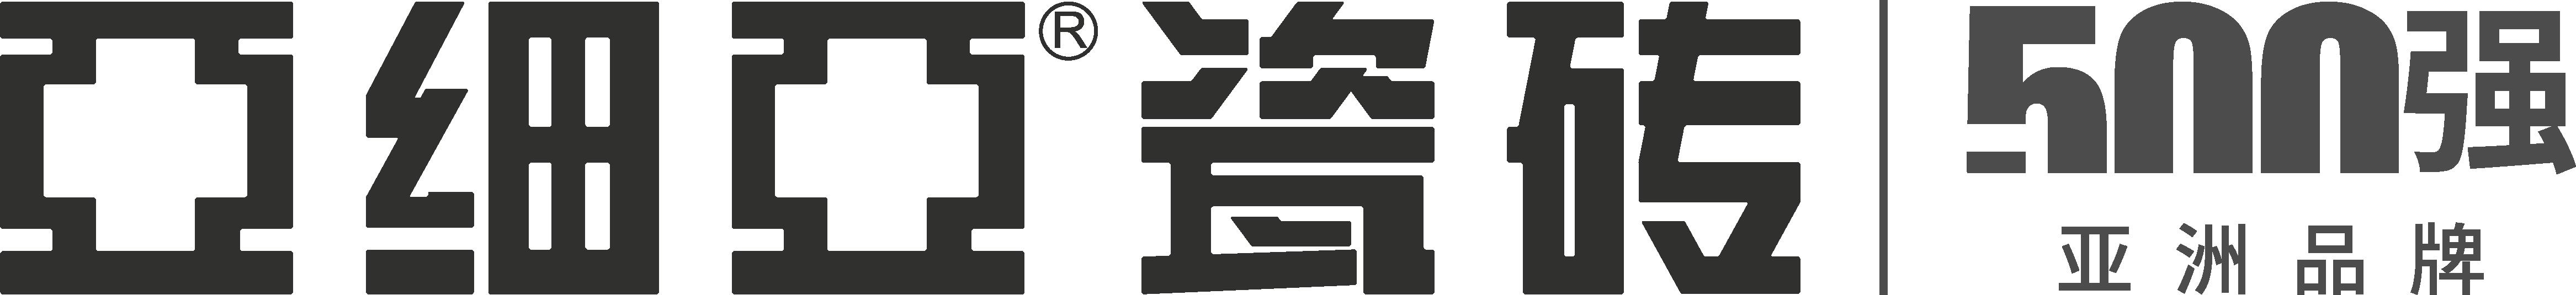 亚细亚建筑材料股份有限公司